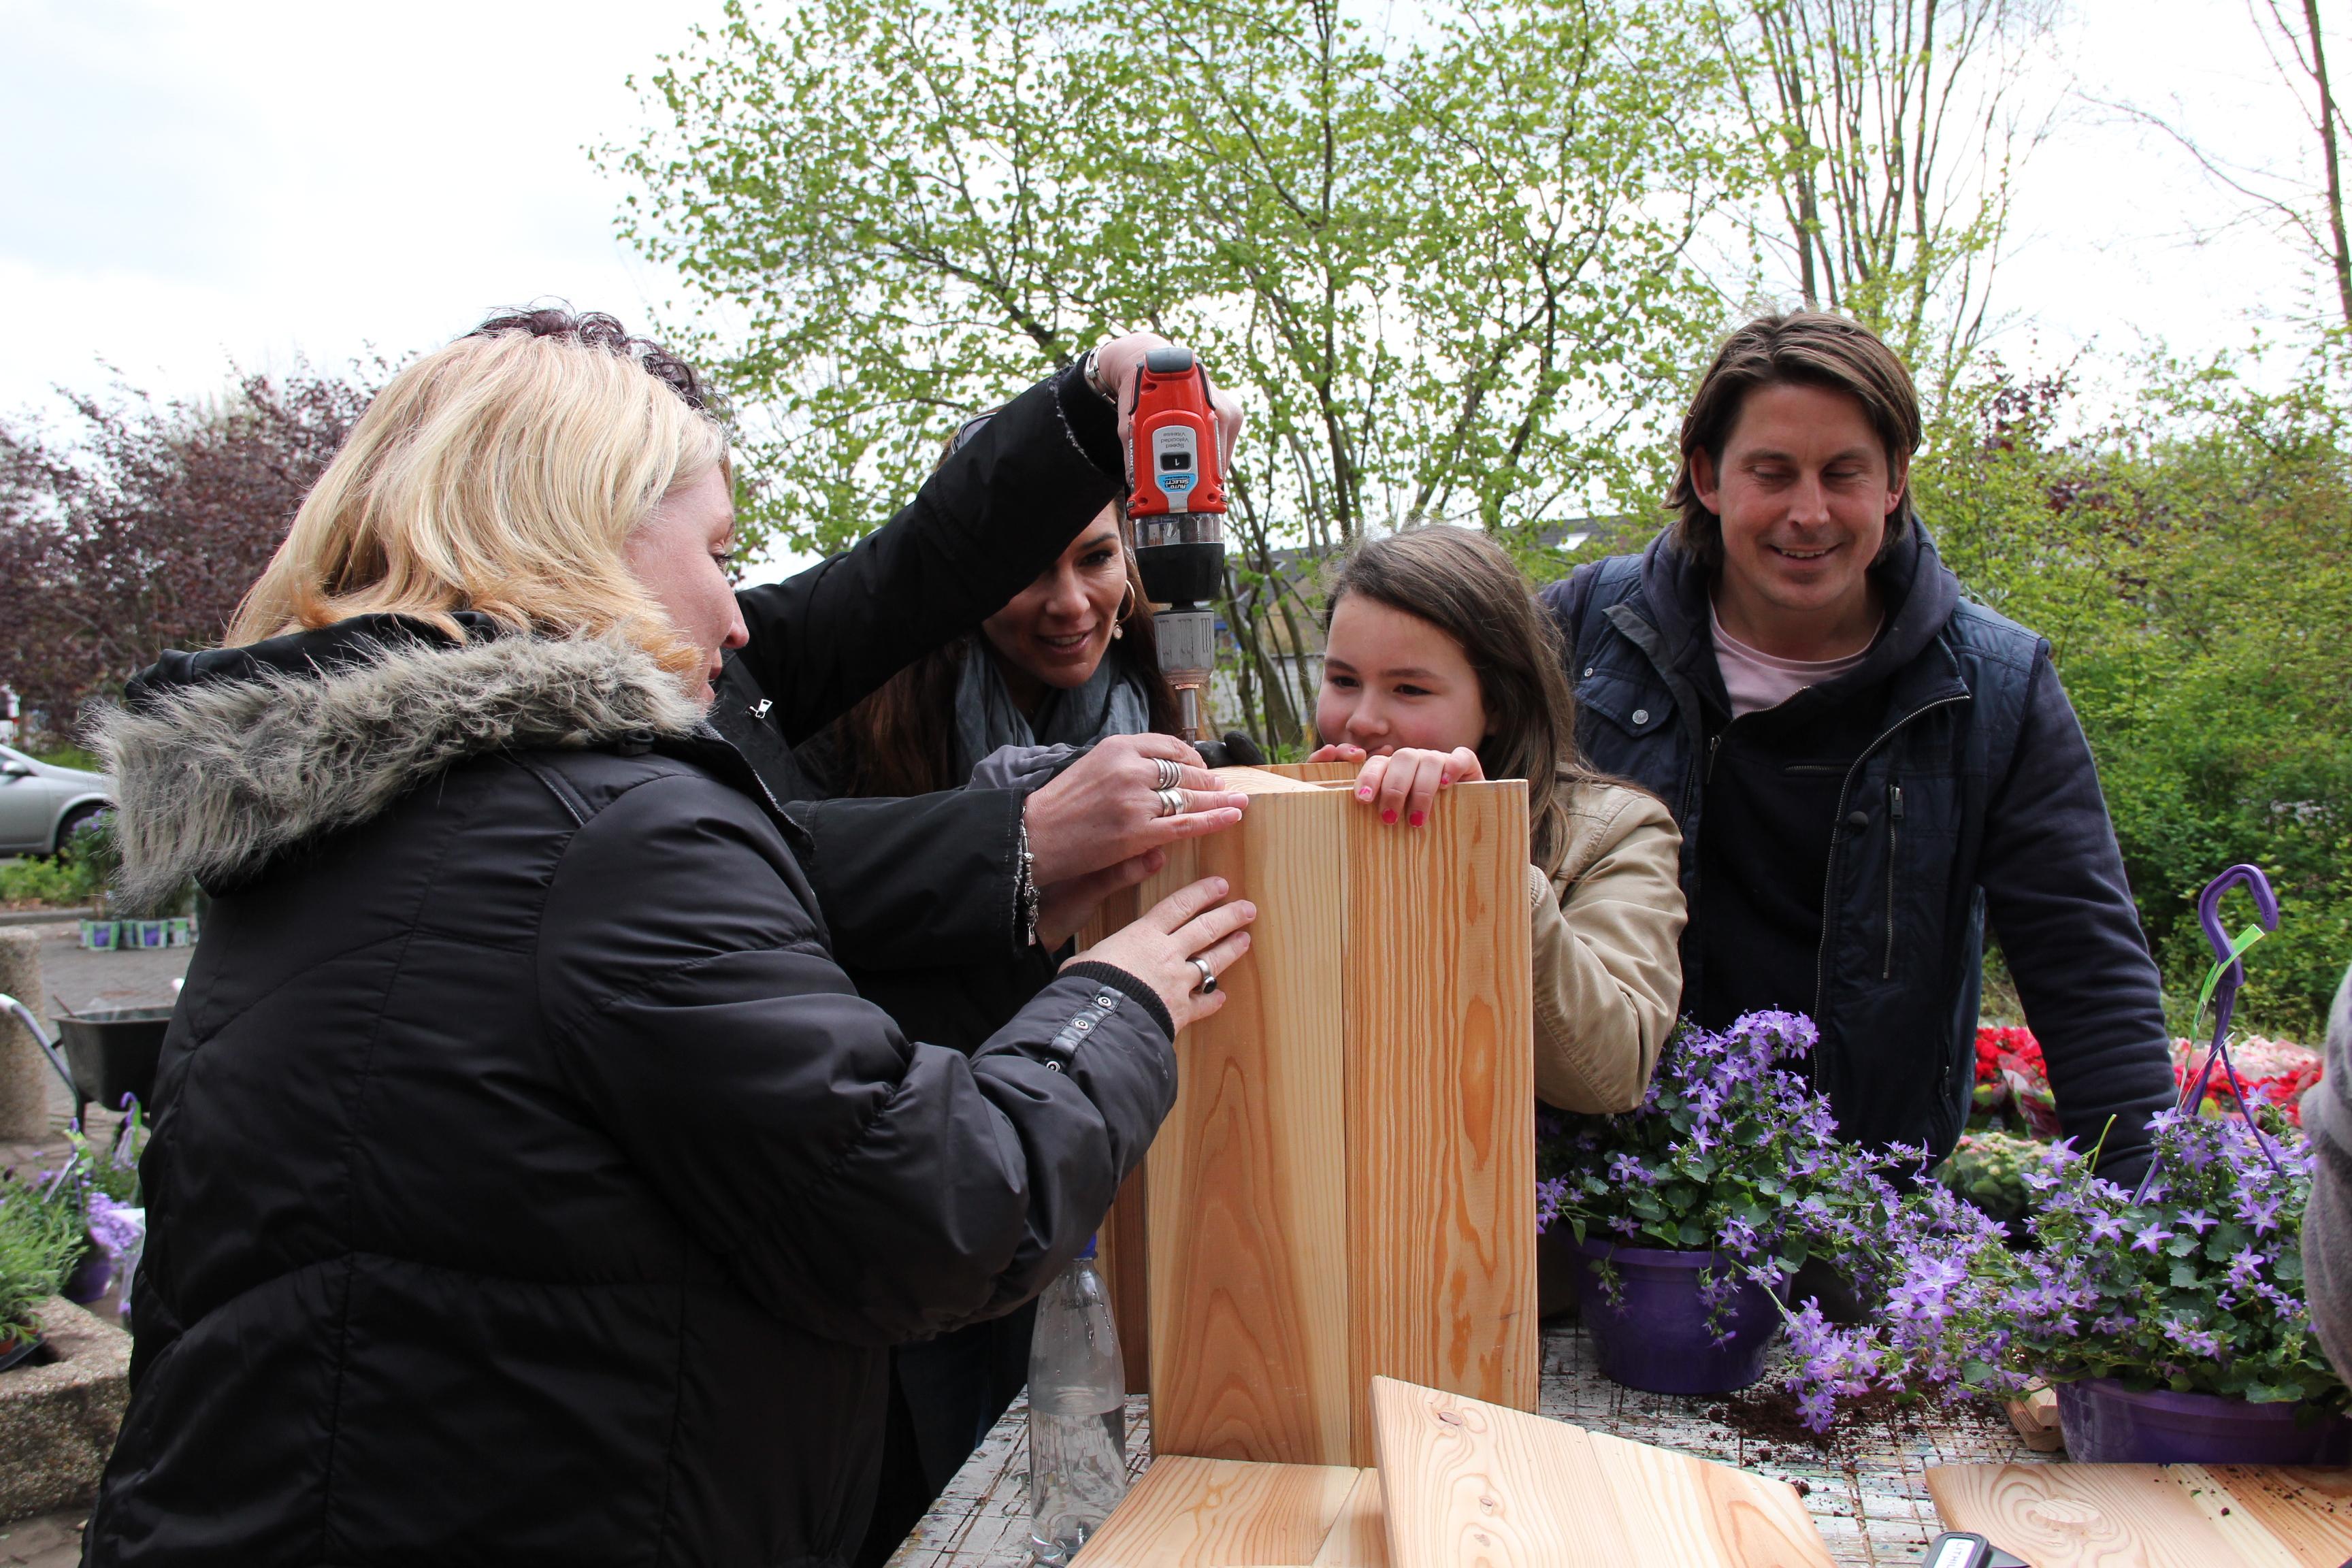 Eigenhuis En Tuin : Das kapital eigen huis en tuin knapt huis jesse klaver gratis op